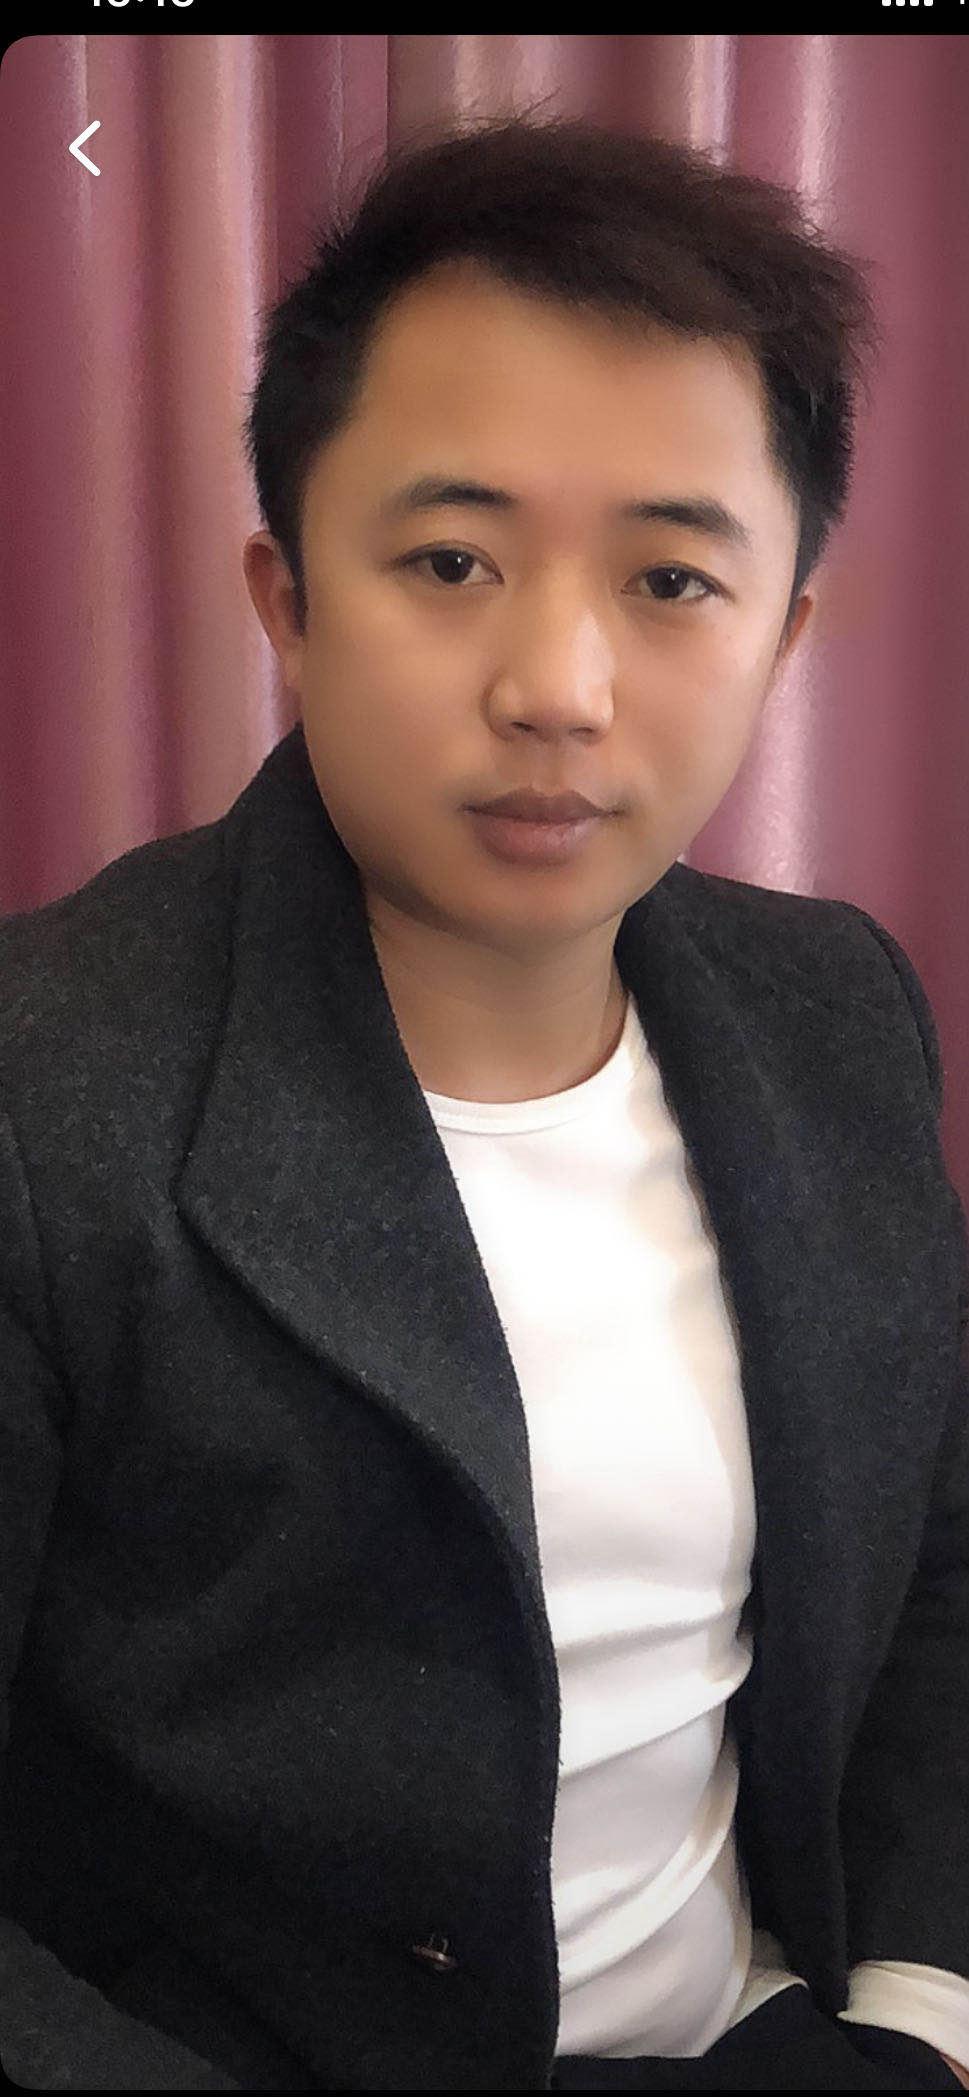 中国工艺美术师林飞鹏:宝剑锋从磨砺出,梅花香自苦寒来